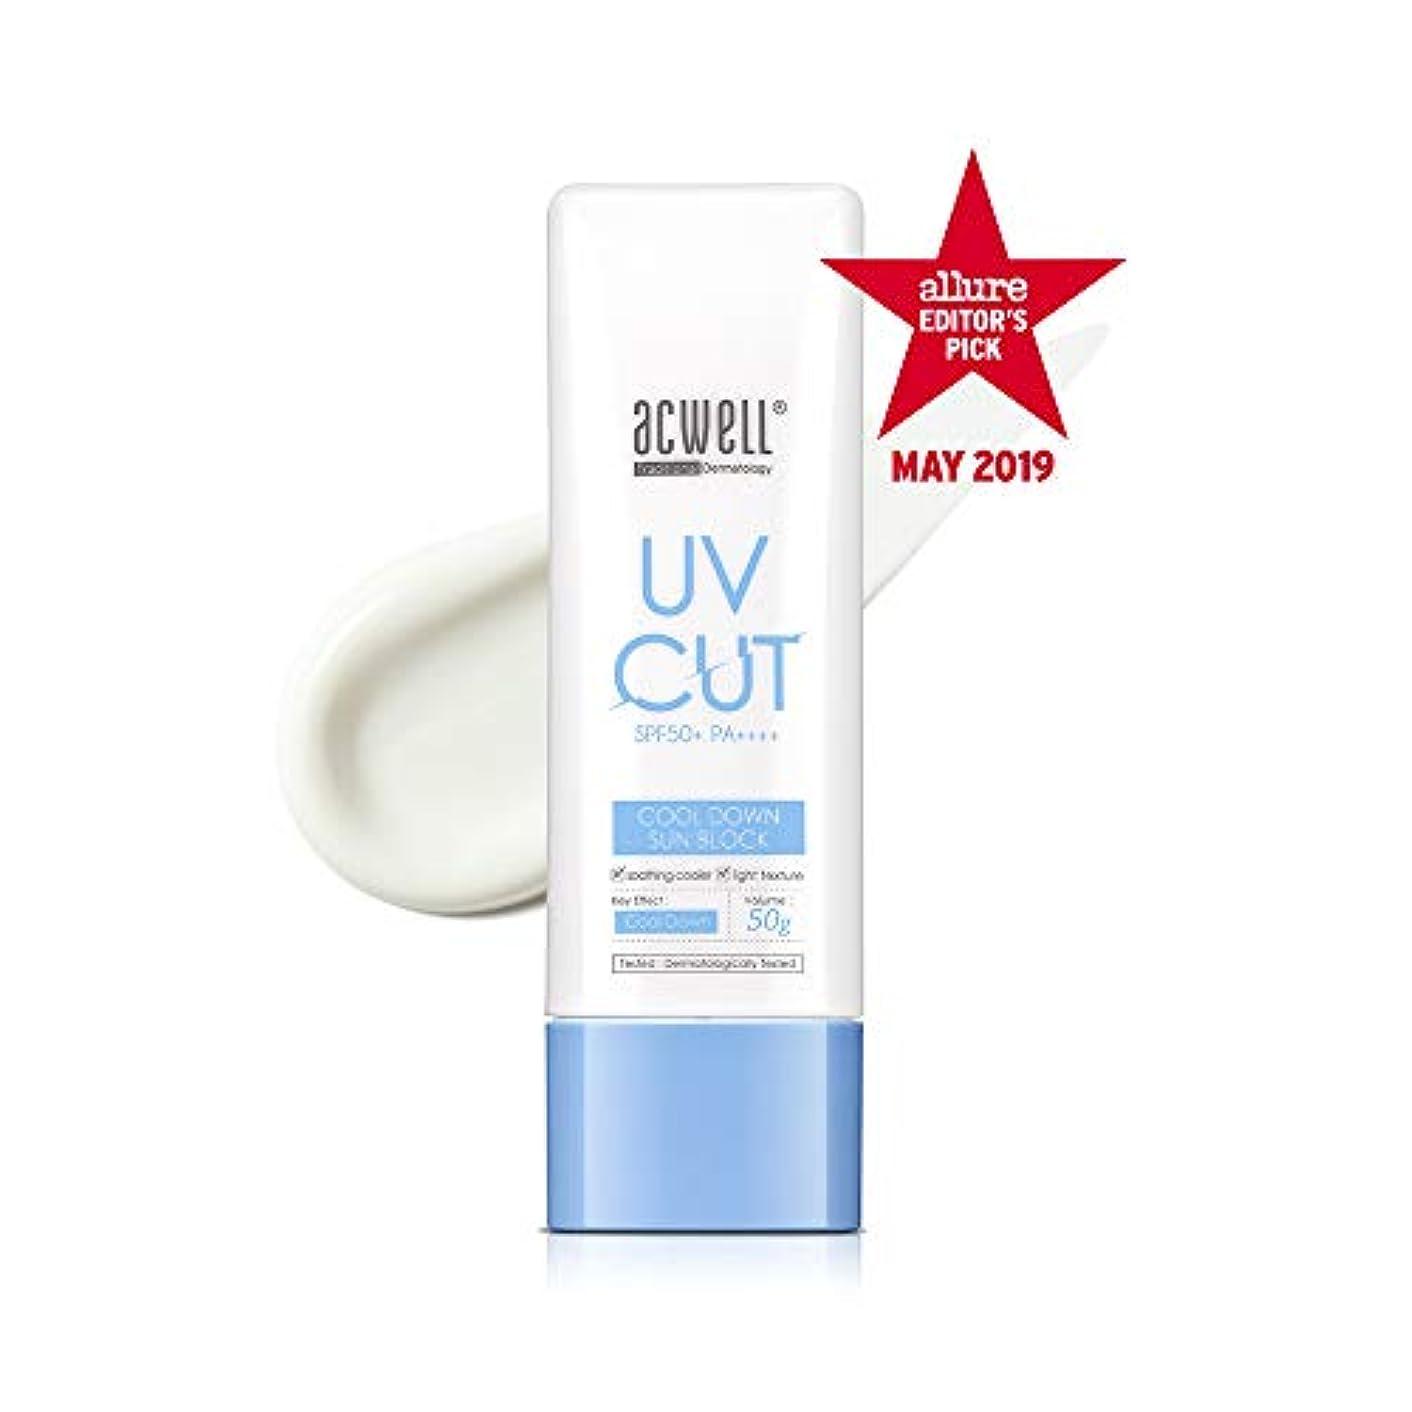 フォルダ見分けるしっかりアクウェル ACWELL UV Cut Cool Down Sun Block クールダウン サンブロック 50g, SPF50+ PA++++ [Made in Korea]